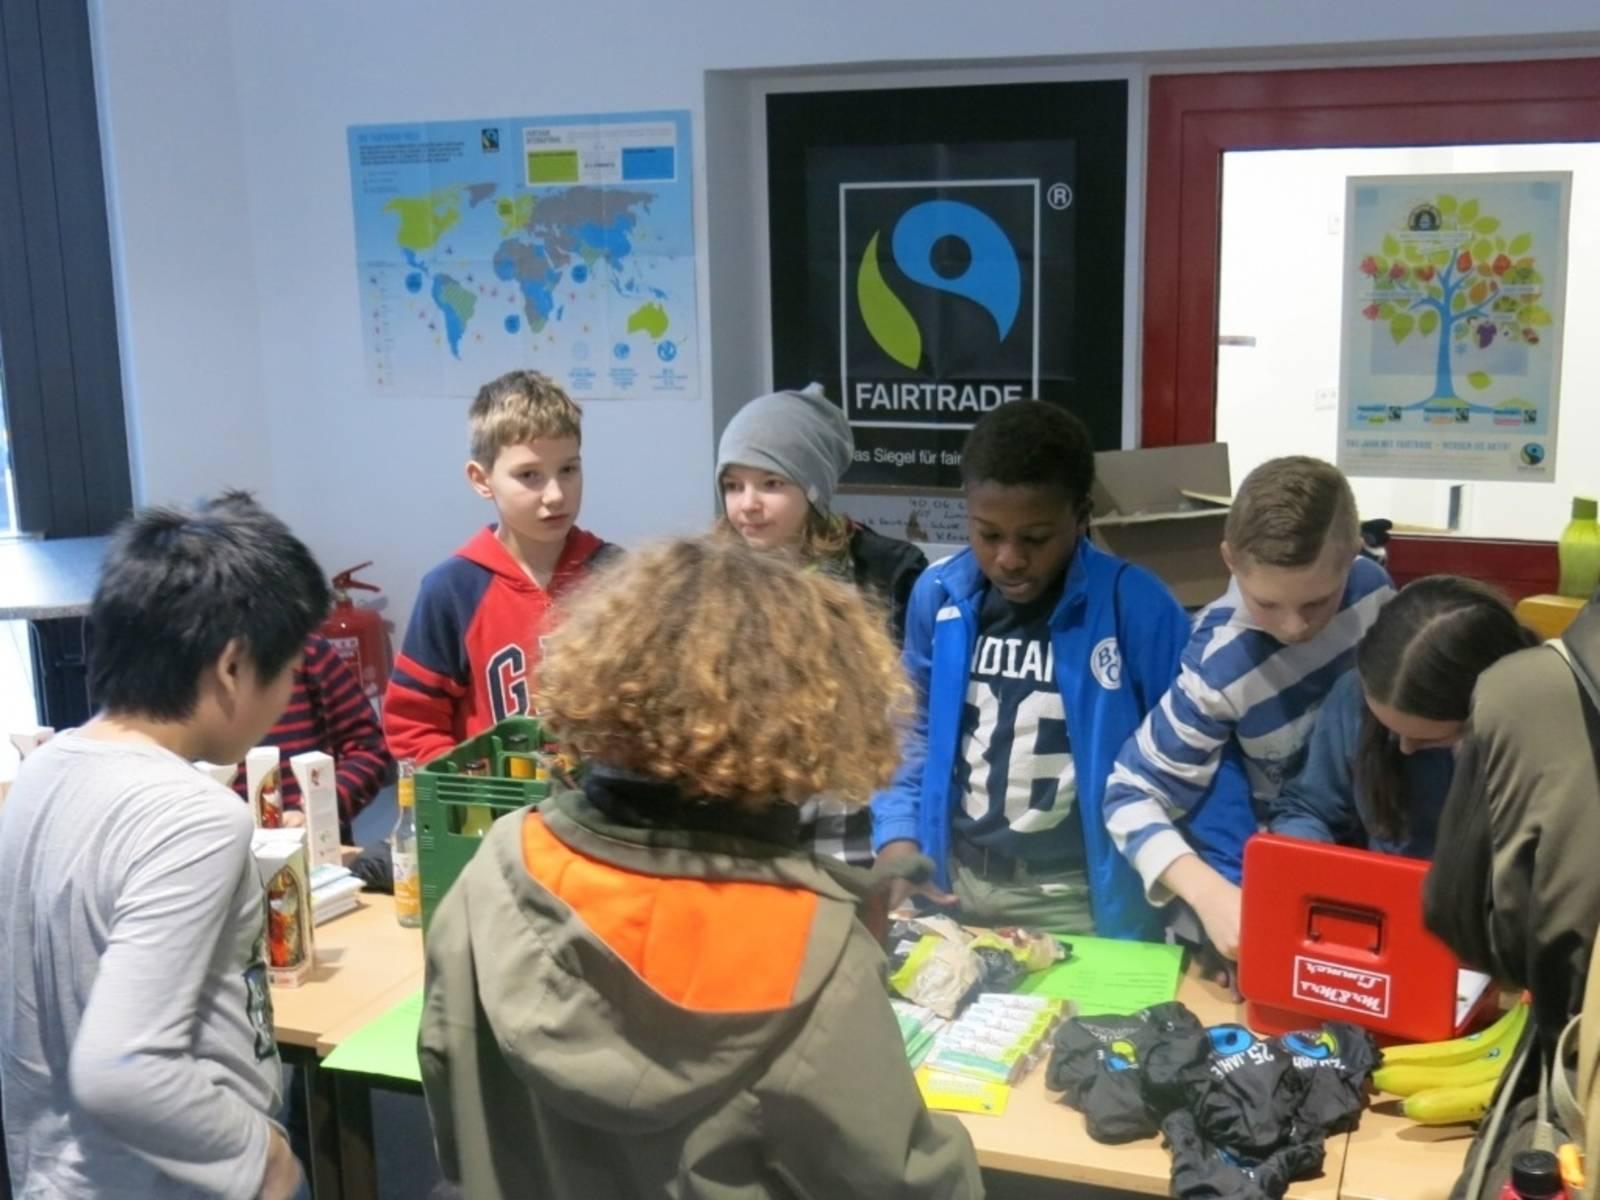 An einer Tischreihe bieten Schülerinnen und Schüler fair gehandelte Produkte an.